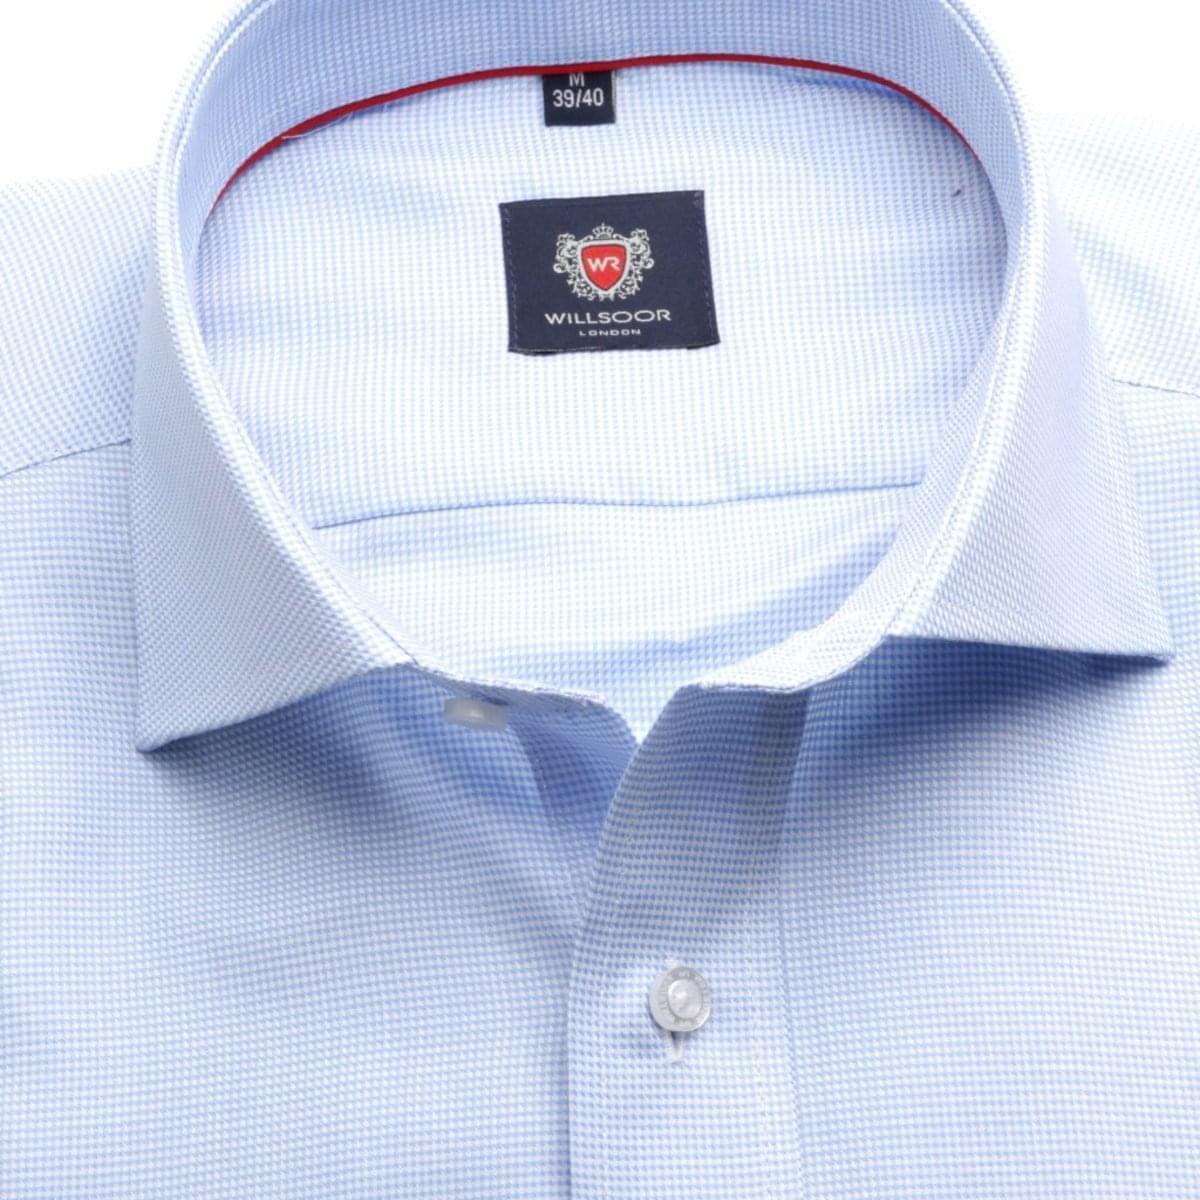 Pánská klasická košile London (výška 176-182) 5964 v modré barvě s formulí Easy Care 176-182 / L (41/42)